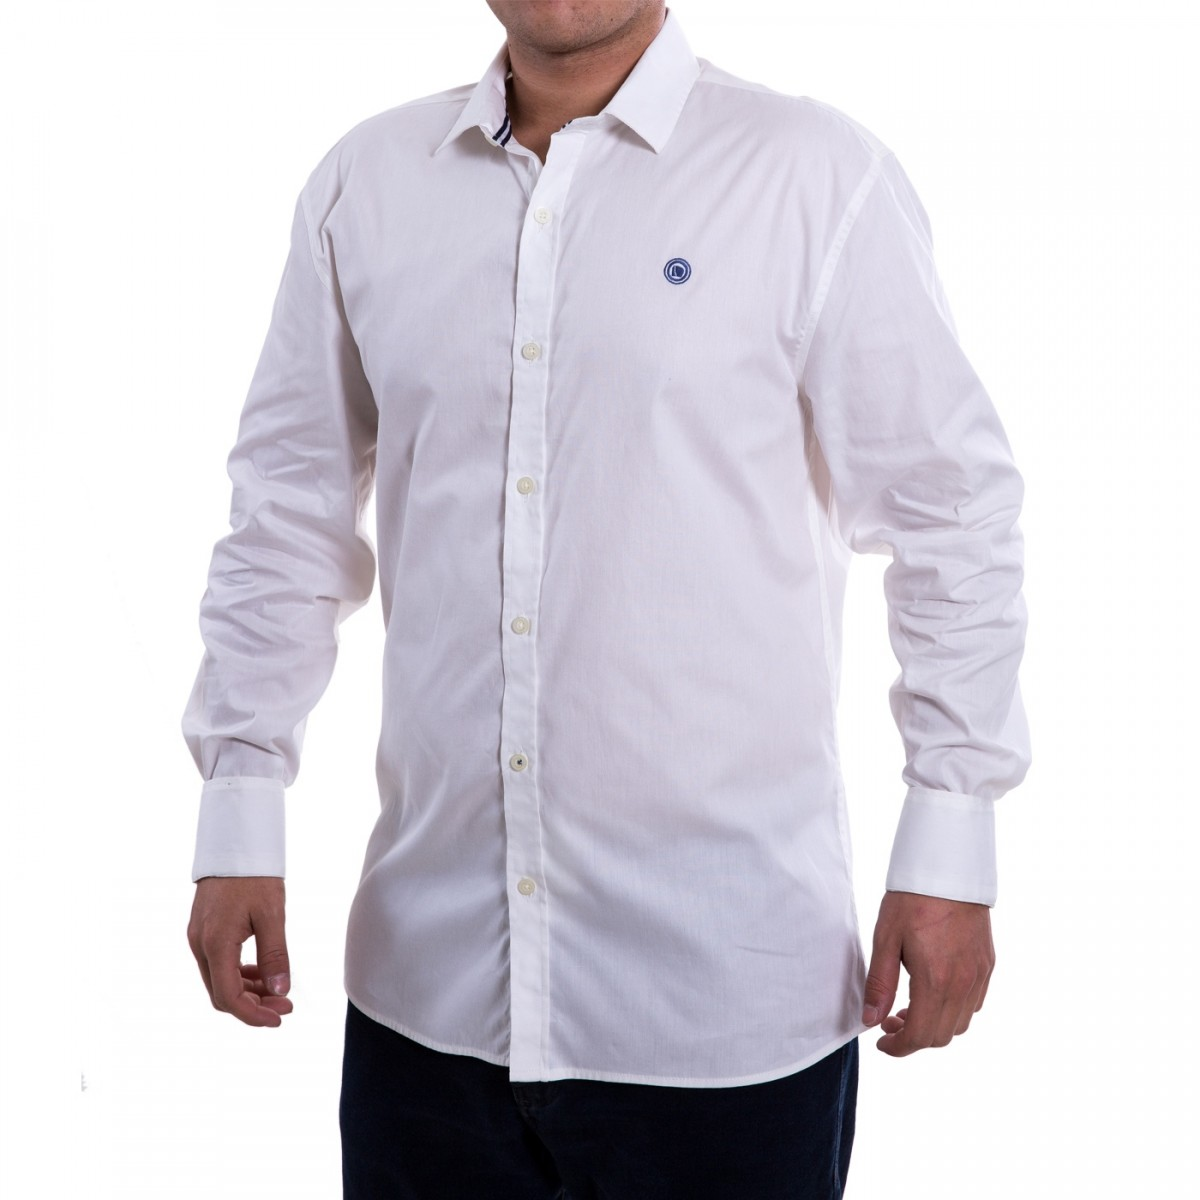 5669f894e0 Bizz Store - Camisa Social Masculina Mandi Tricoline Manga Longa